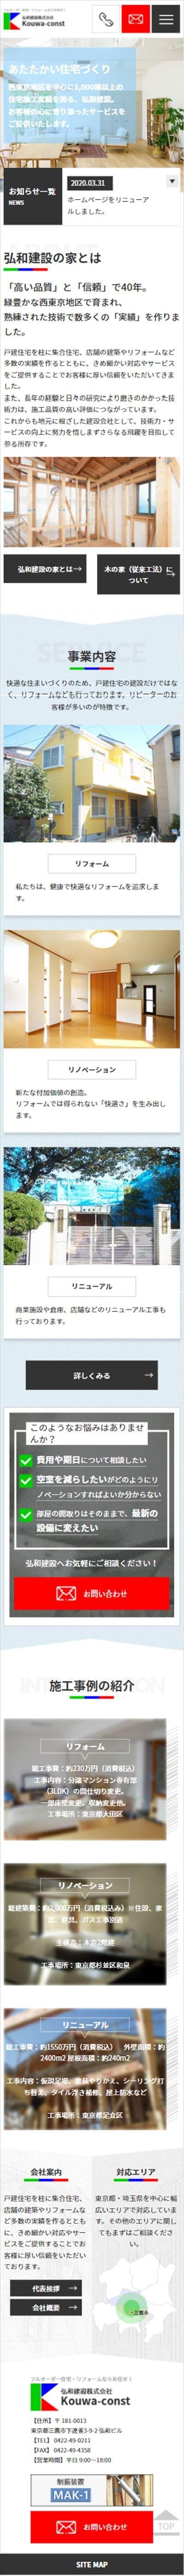 弘和建設株式会社